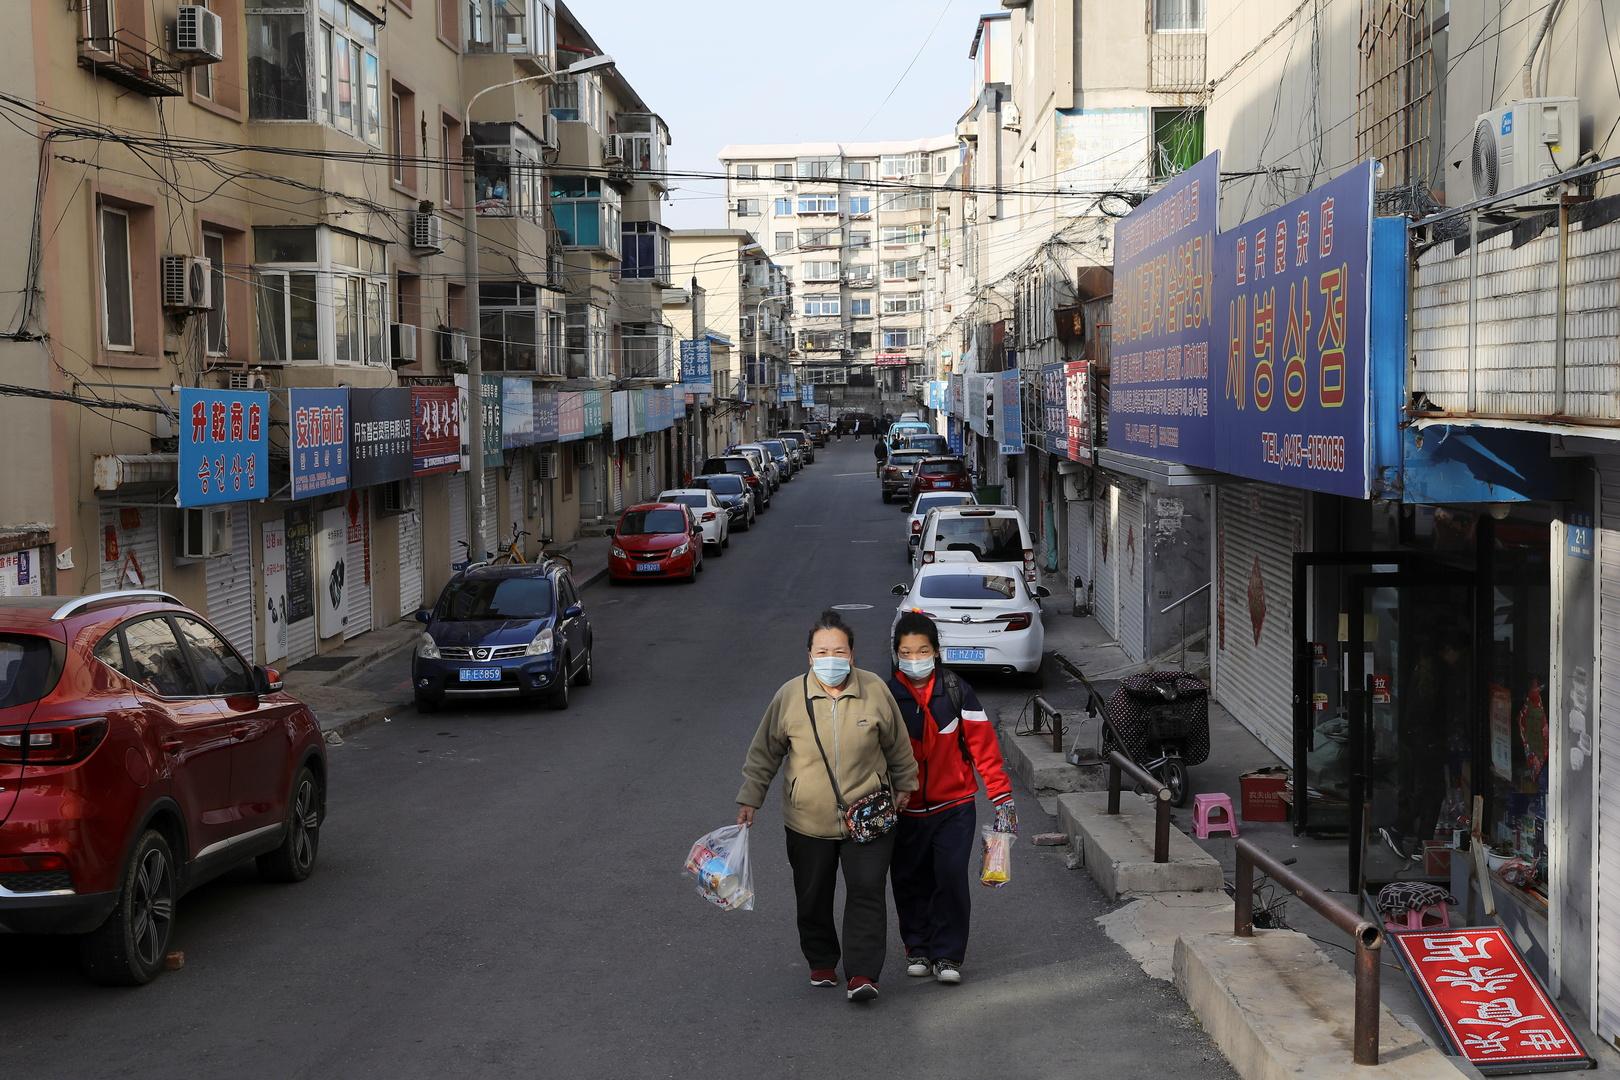 تقرير: كوريا الشمالية تعاني من أسوأ أزمة اقتصادية في تاريخها